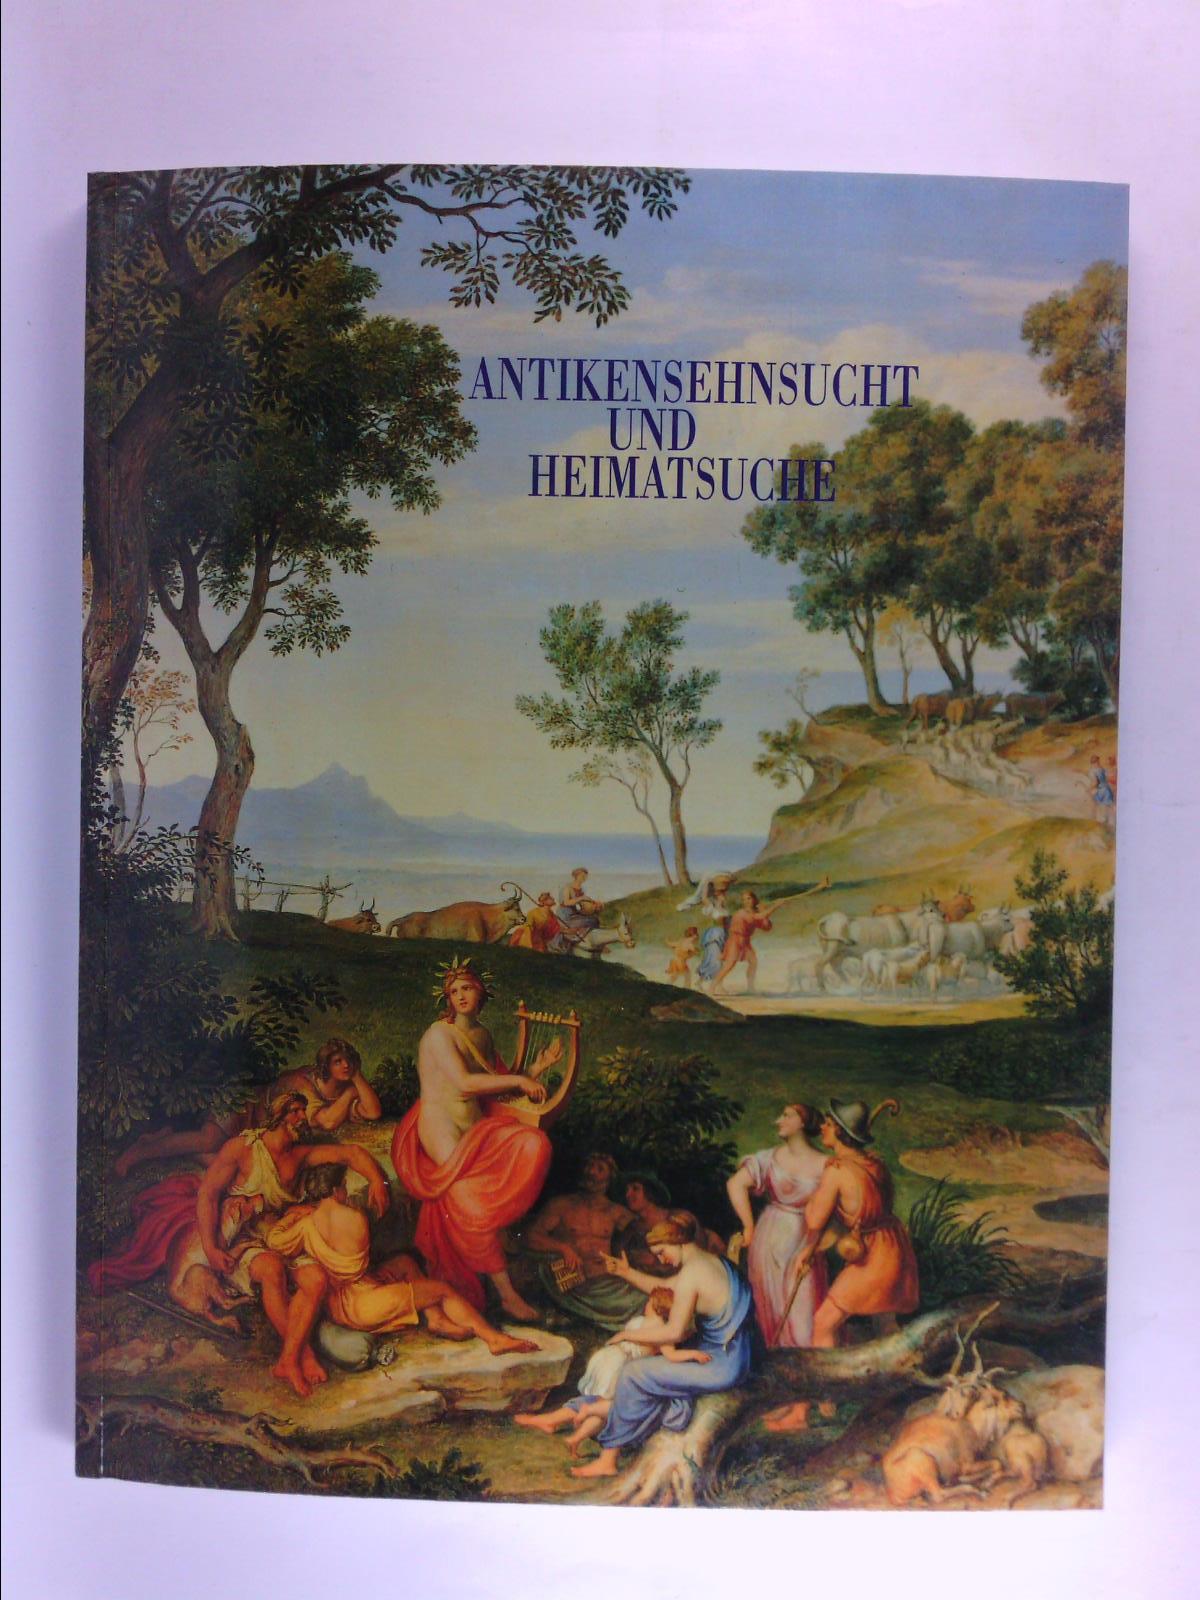 Antikensehnsucht und Heimatsuche. Meisterwerke des 18. und 19. Jahrhunderts aus dem Tiroler Landesmuseum Ferdinandeum Innsbruck